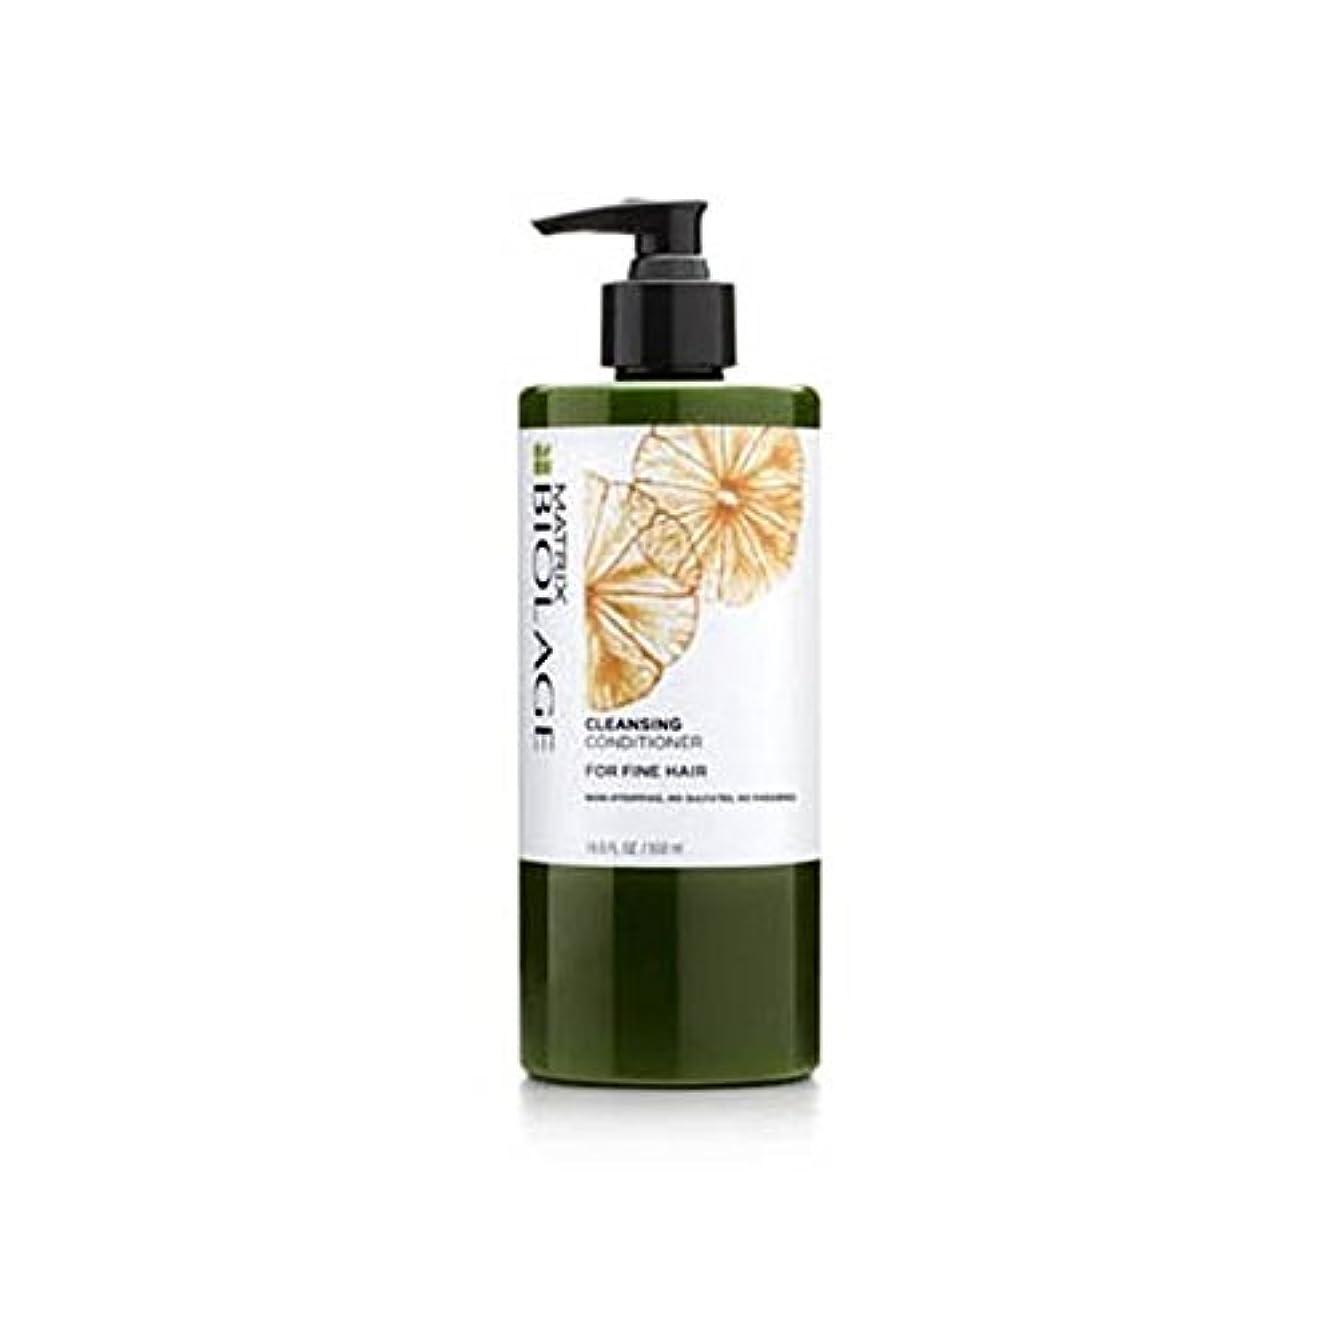 ジョージスティーブンソン主導権不和マトリックスバイオレイジクレンジングコンディショナー - 細い髪(500ミリリットル) x2 - Matrix Biolage Cleansing Conditioner - Fine Hair (500ml) (Pack...